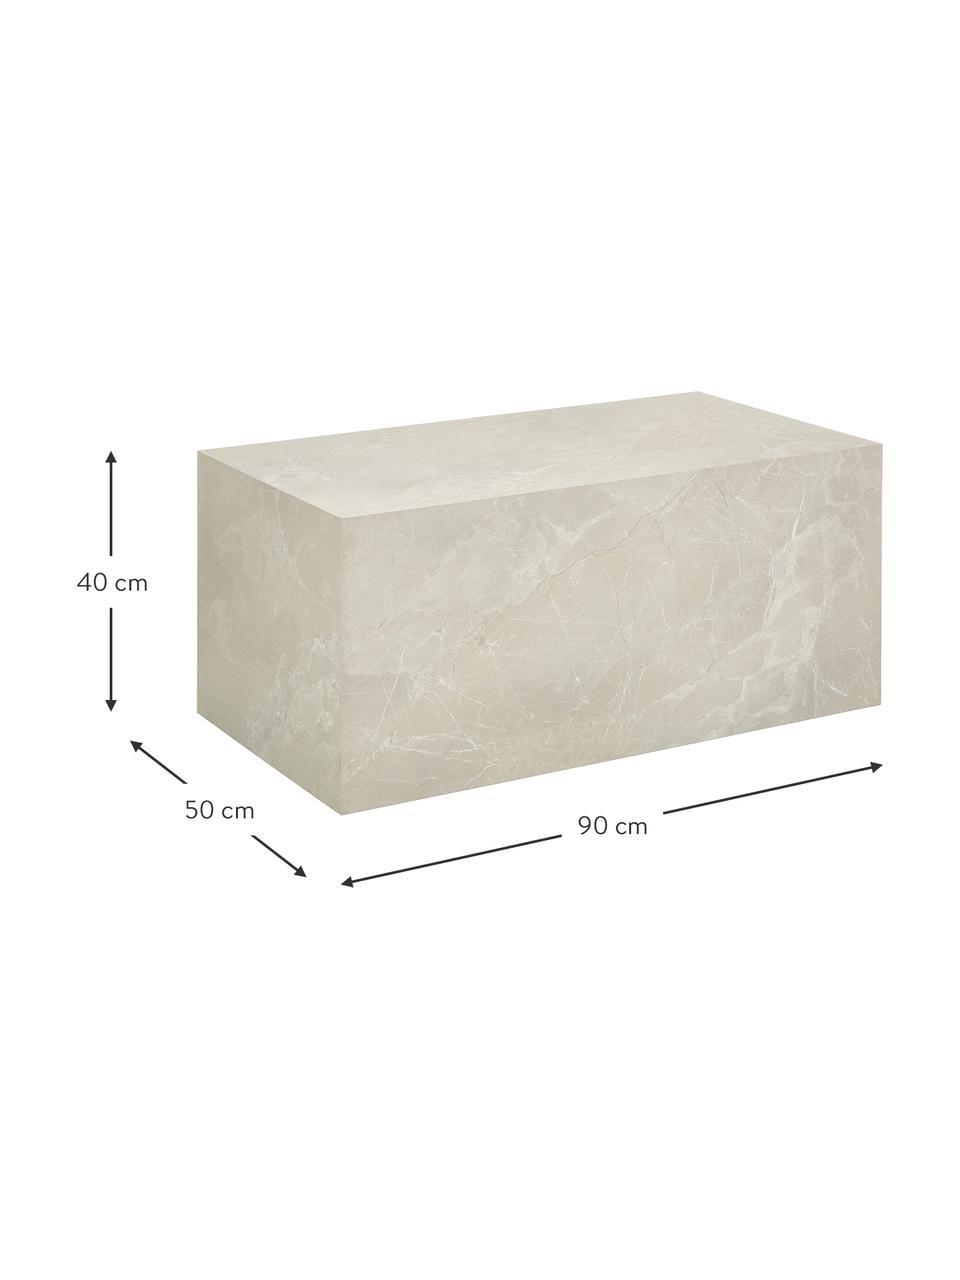 Mesa de centro Lesley, Tablero de fibras de densidad media(MDF) recubierto en melanina, Beige, An 90 x Al 40 cm